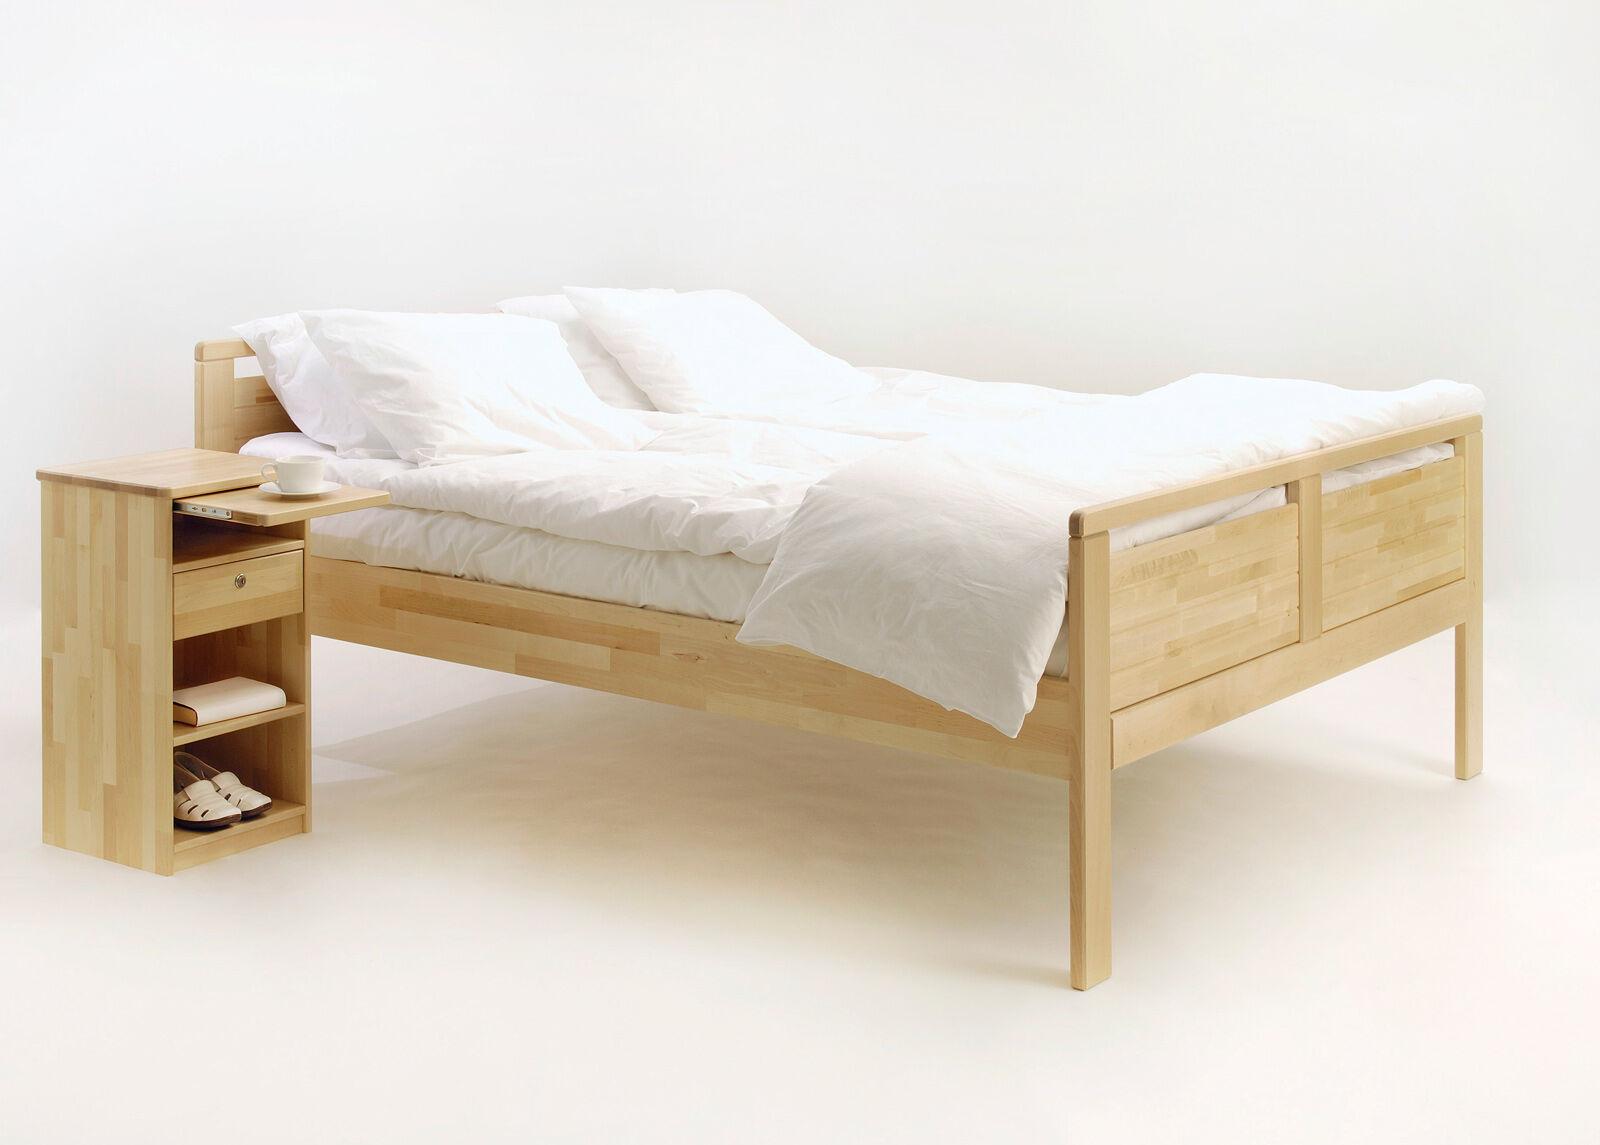 KITEEN Sänky Seniori 120x200 cm, koivu